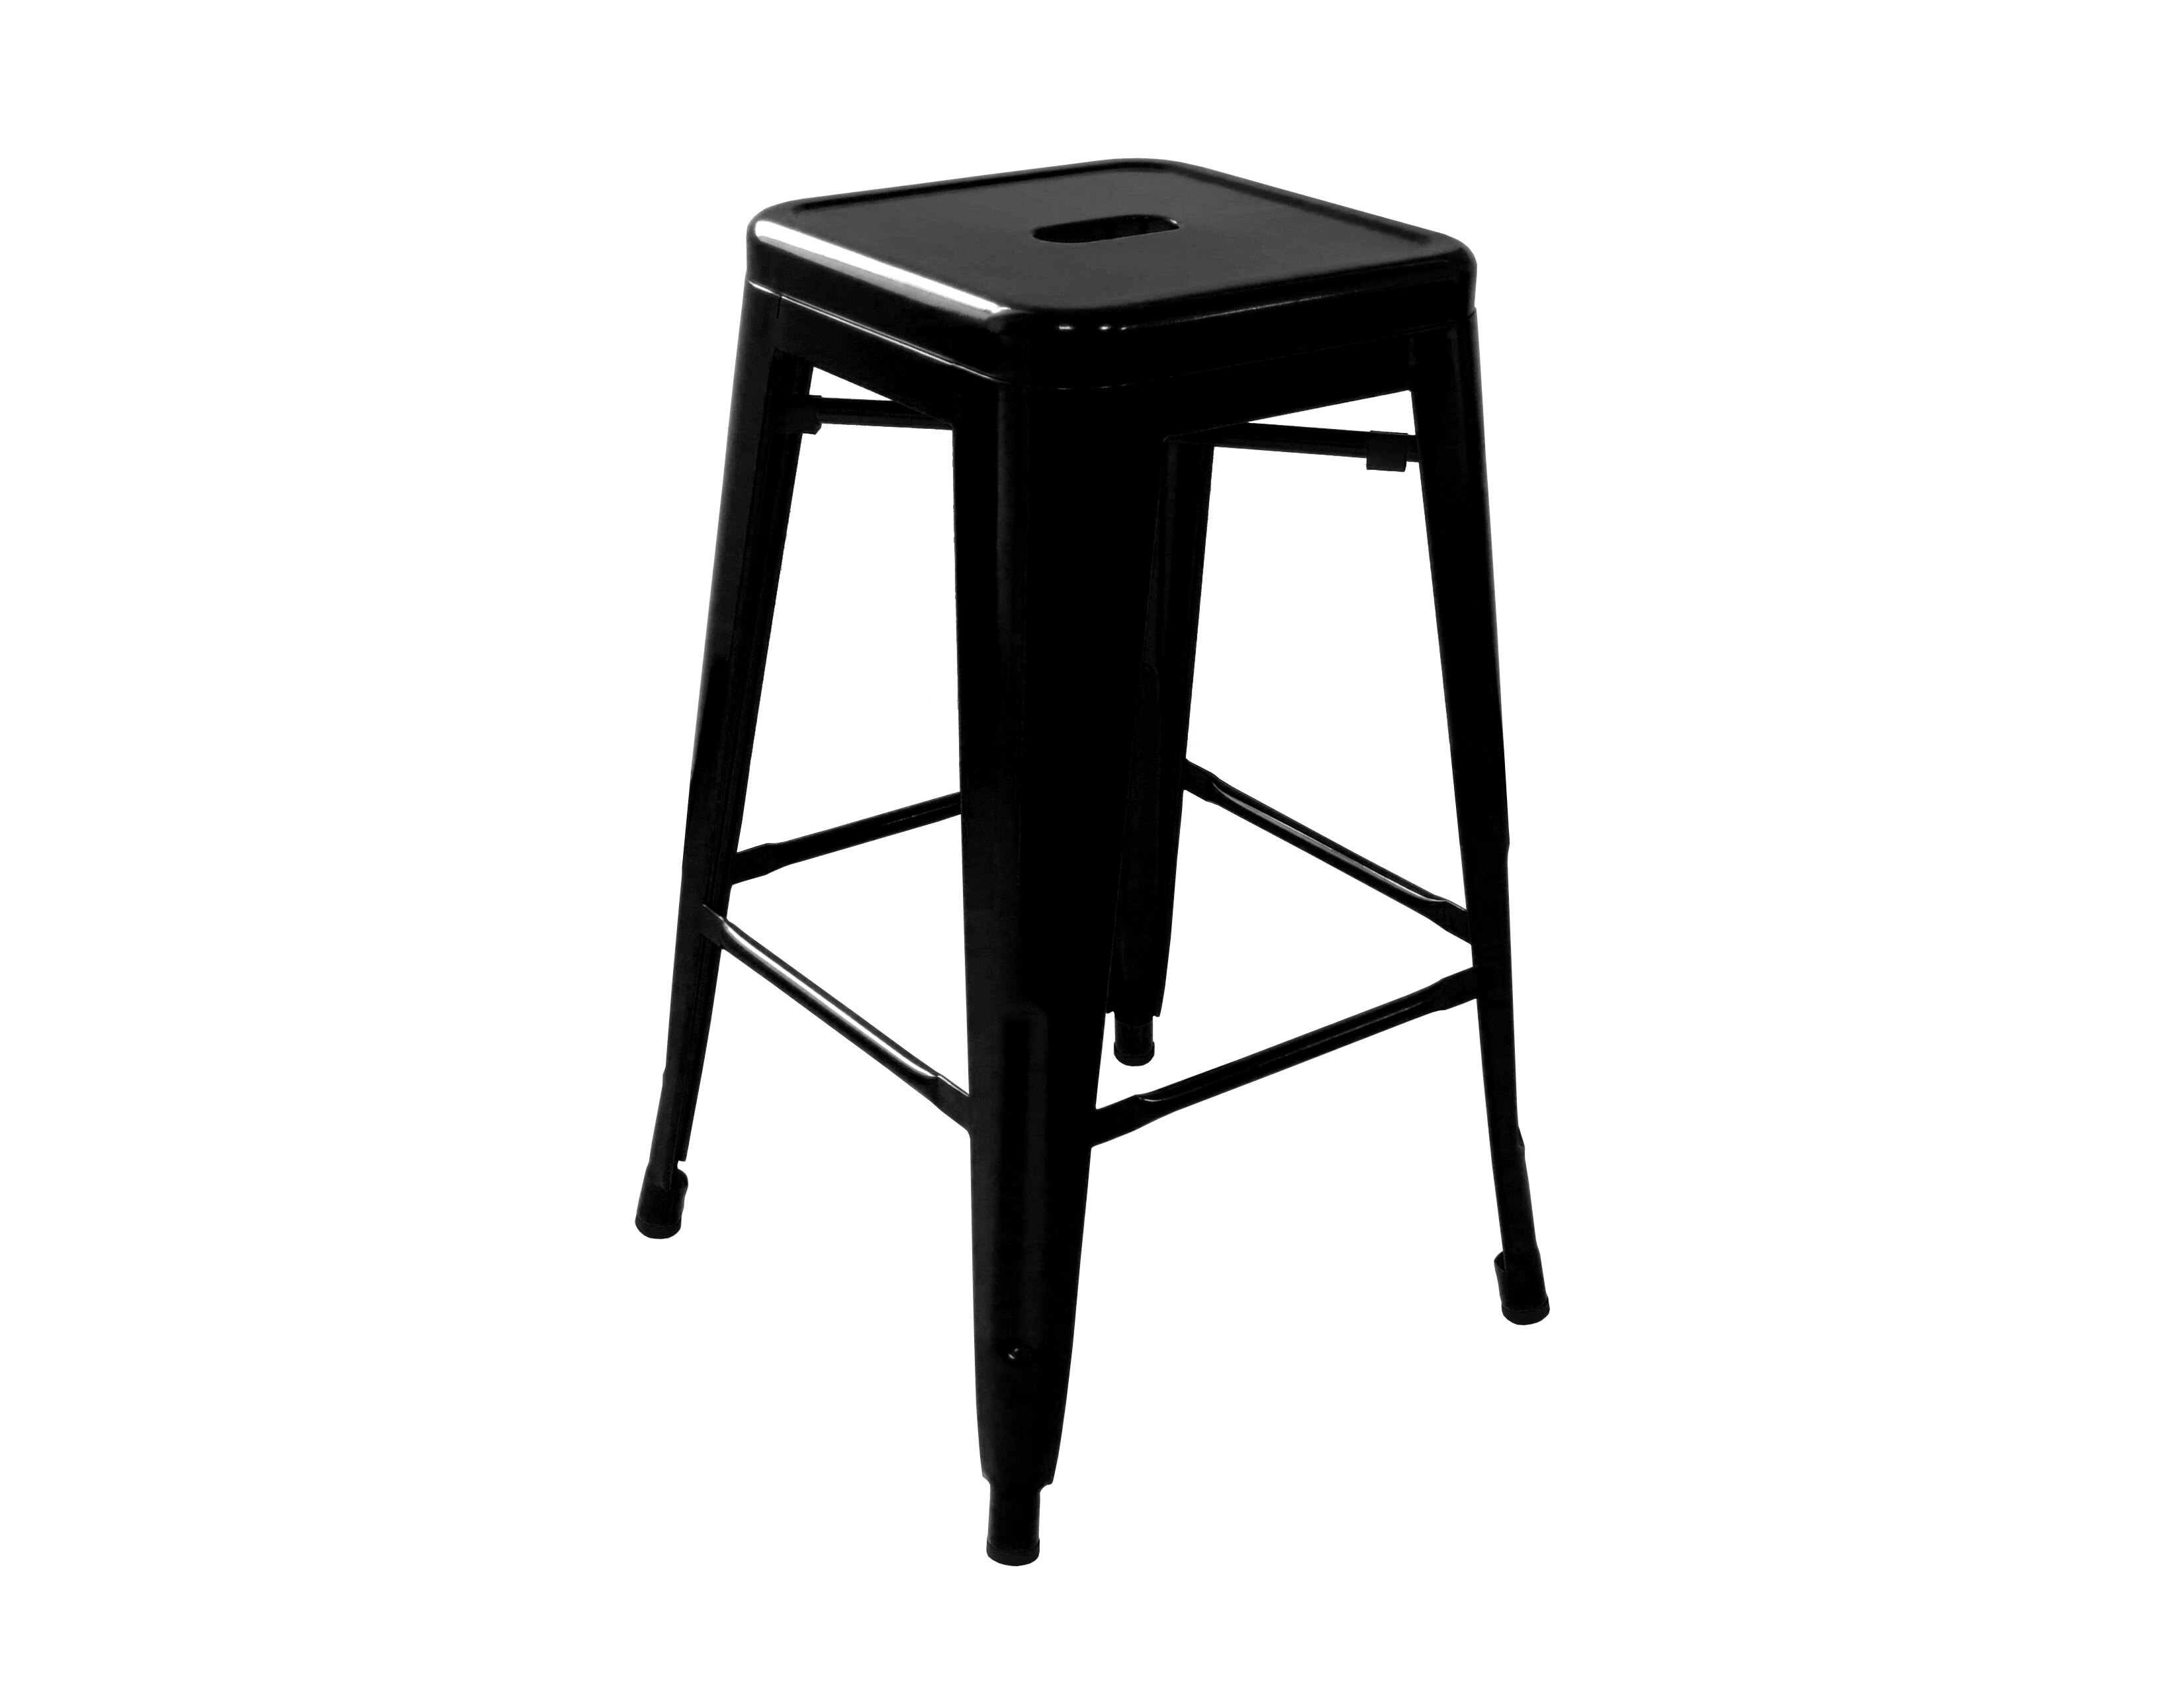 《奧莉薇》黑色 工業風 loft 亮面 中吧檯椅 鐵椅 餐椅 高凳 tolix 復古 鐵皮 美式 六色 !新生活家具! 樂天雙12